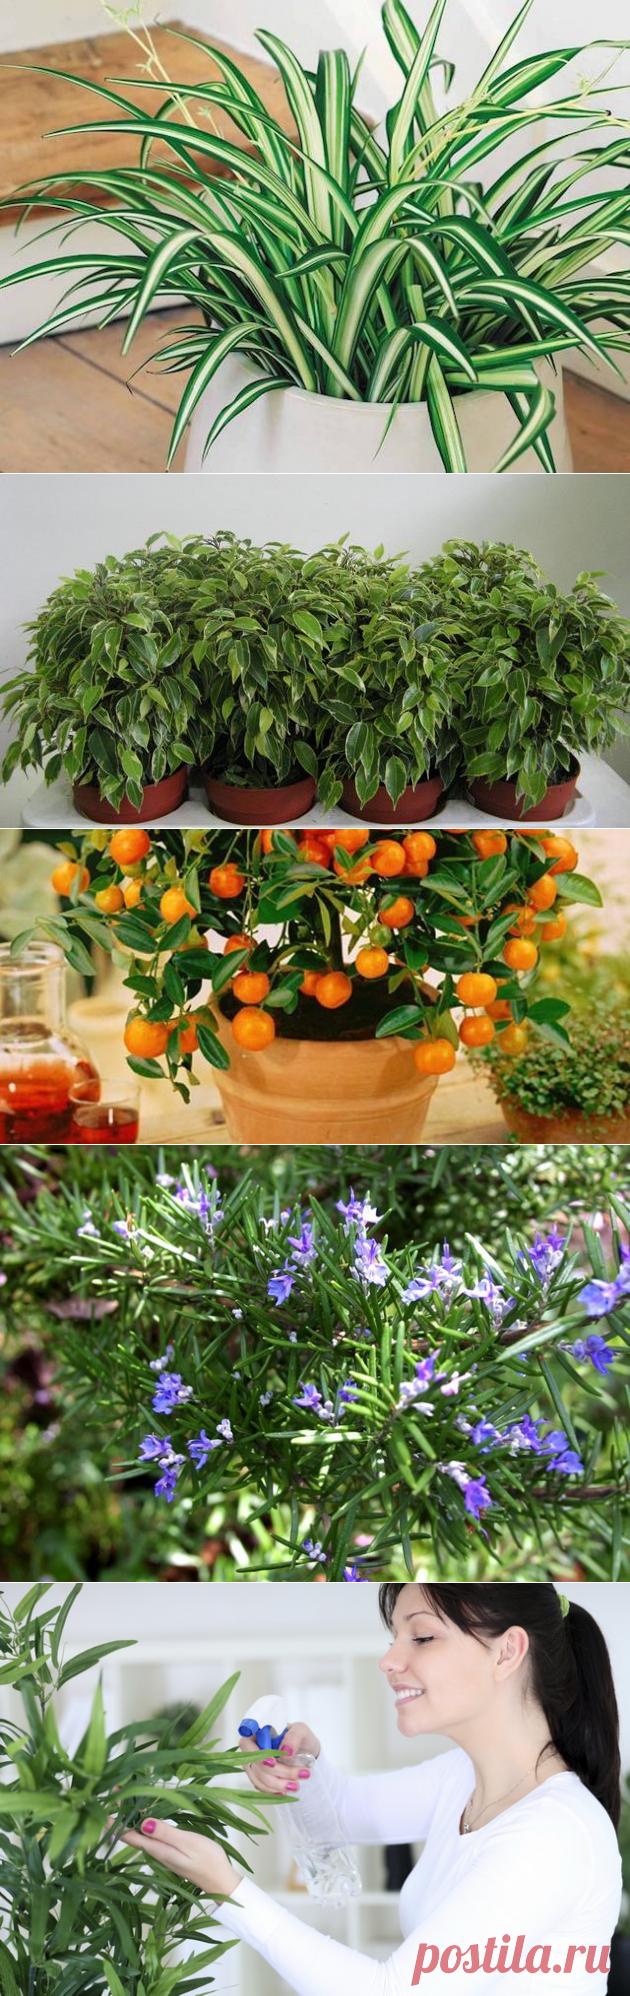 цветы очищающие воздух в комнате фото можно использовать